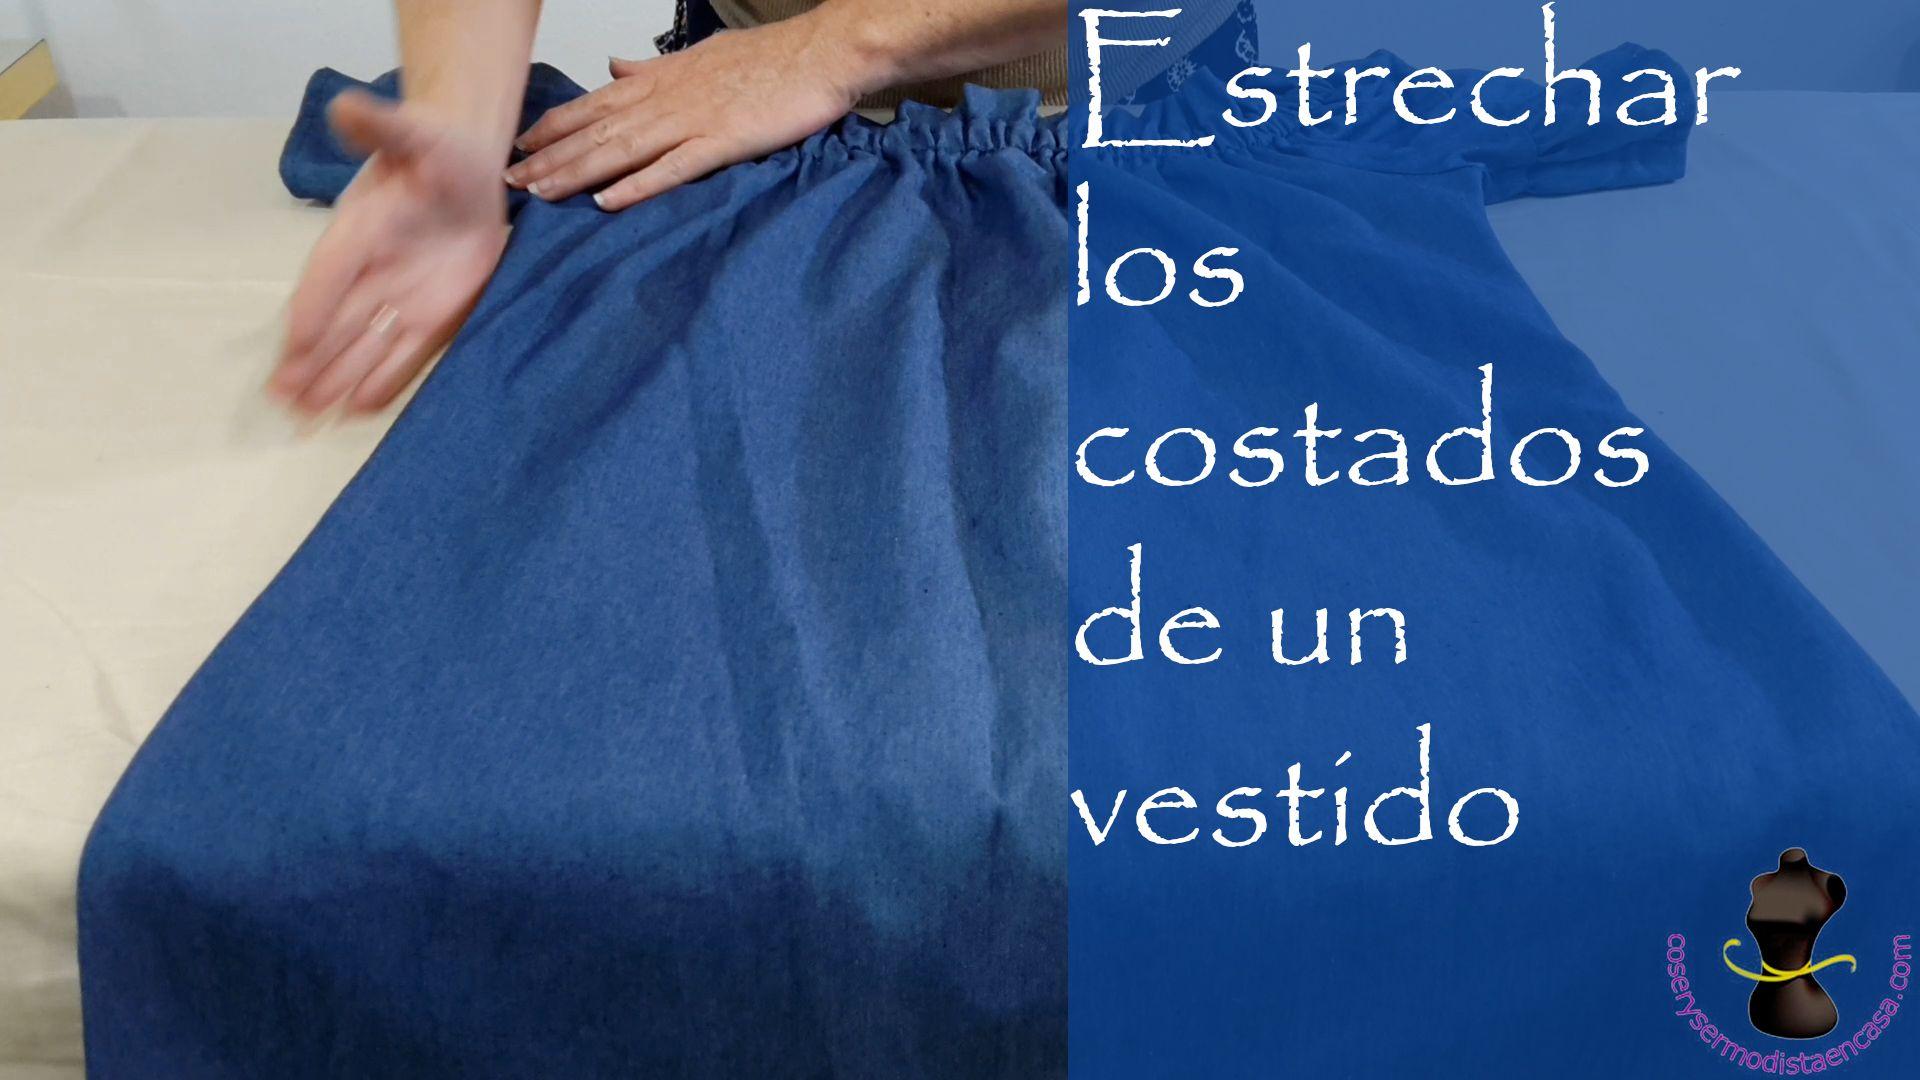 The A Vestido Take De How To Un Estrechar Of Costados In Los Sides xoEdeQrCBW